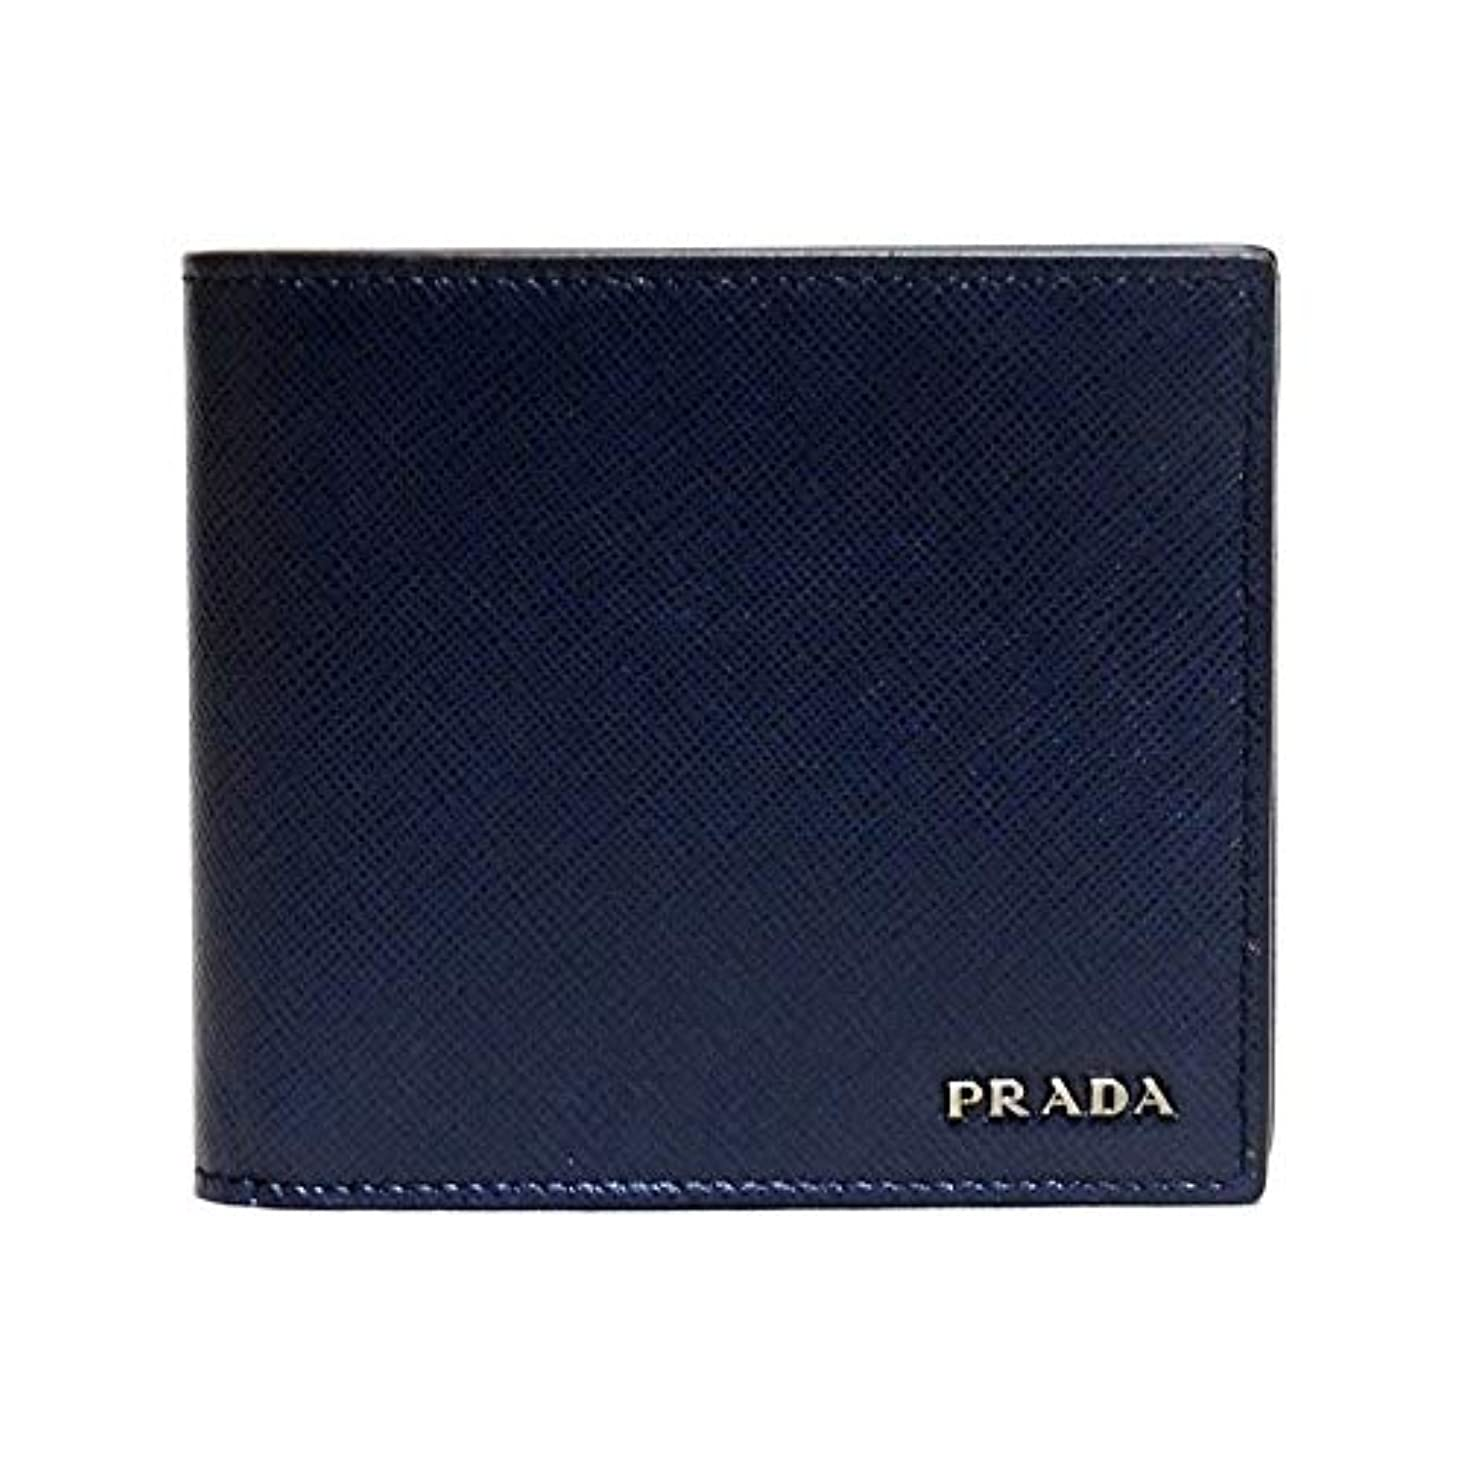 正統派特権的ローブプラダ メンズ財布 バイカラー ネイビーブルー+グレー 2MO738_C5S_F0DVI PRADA